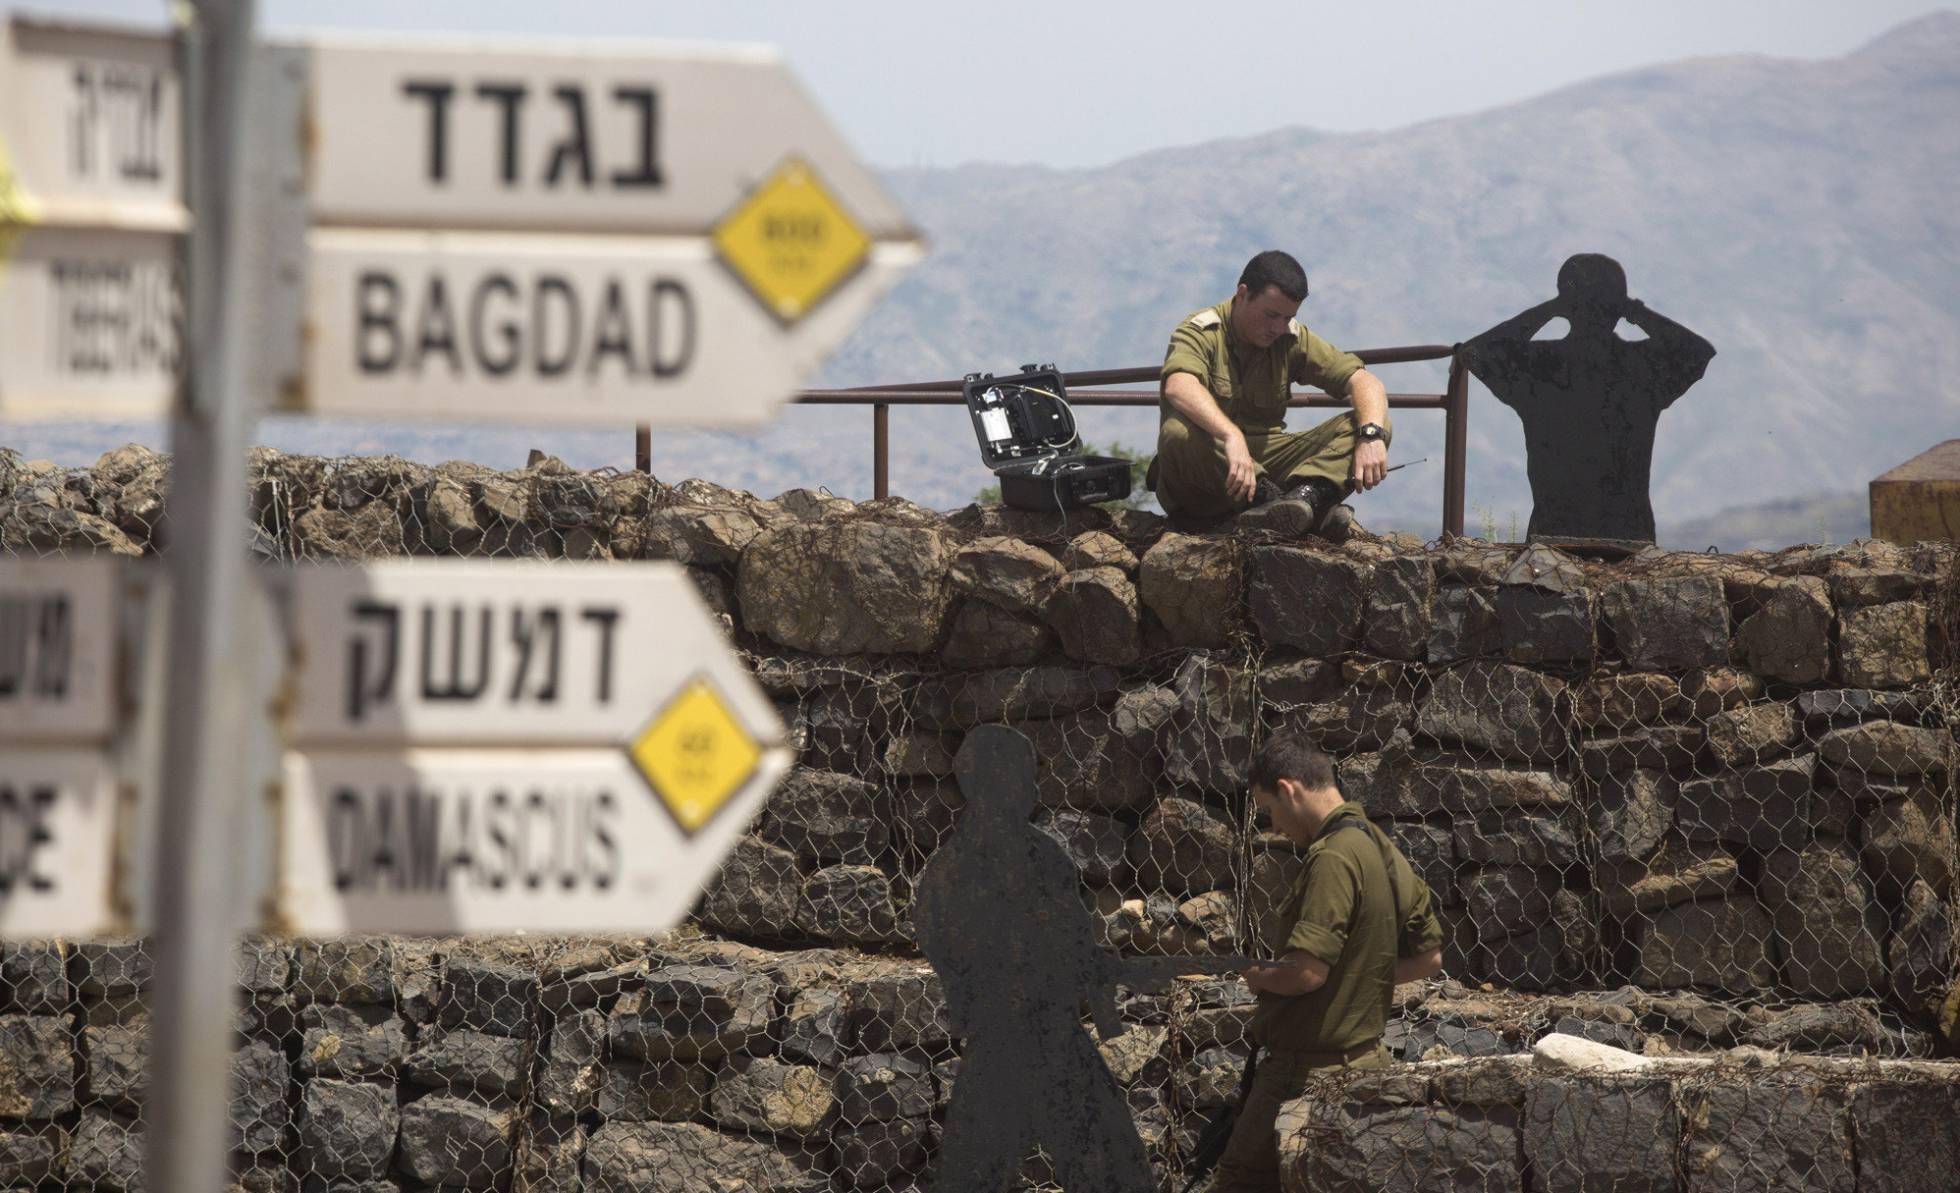 Israel en el conflicto en Siria - Página 11 1526067473_348700_1526067932_noticia_normal_recorte1